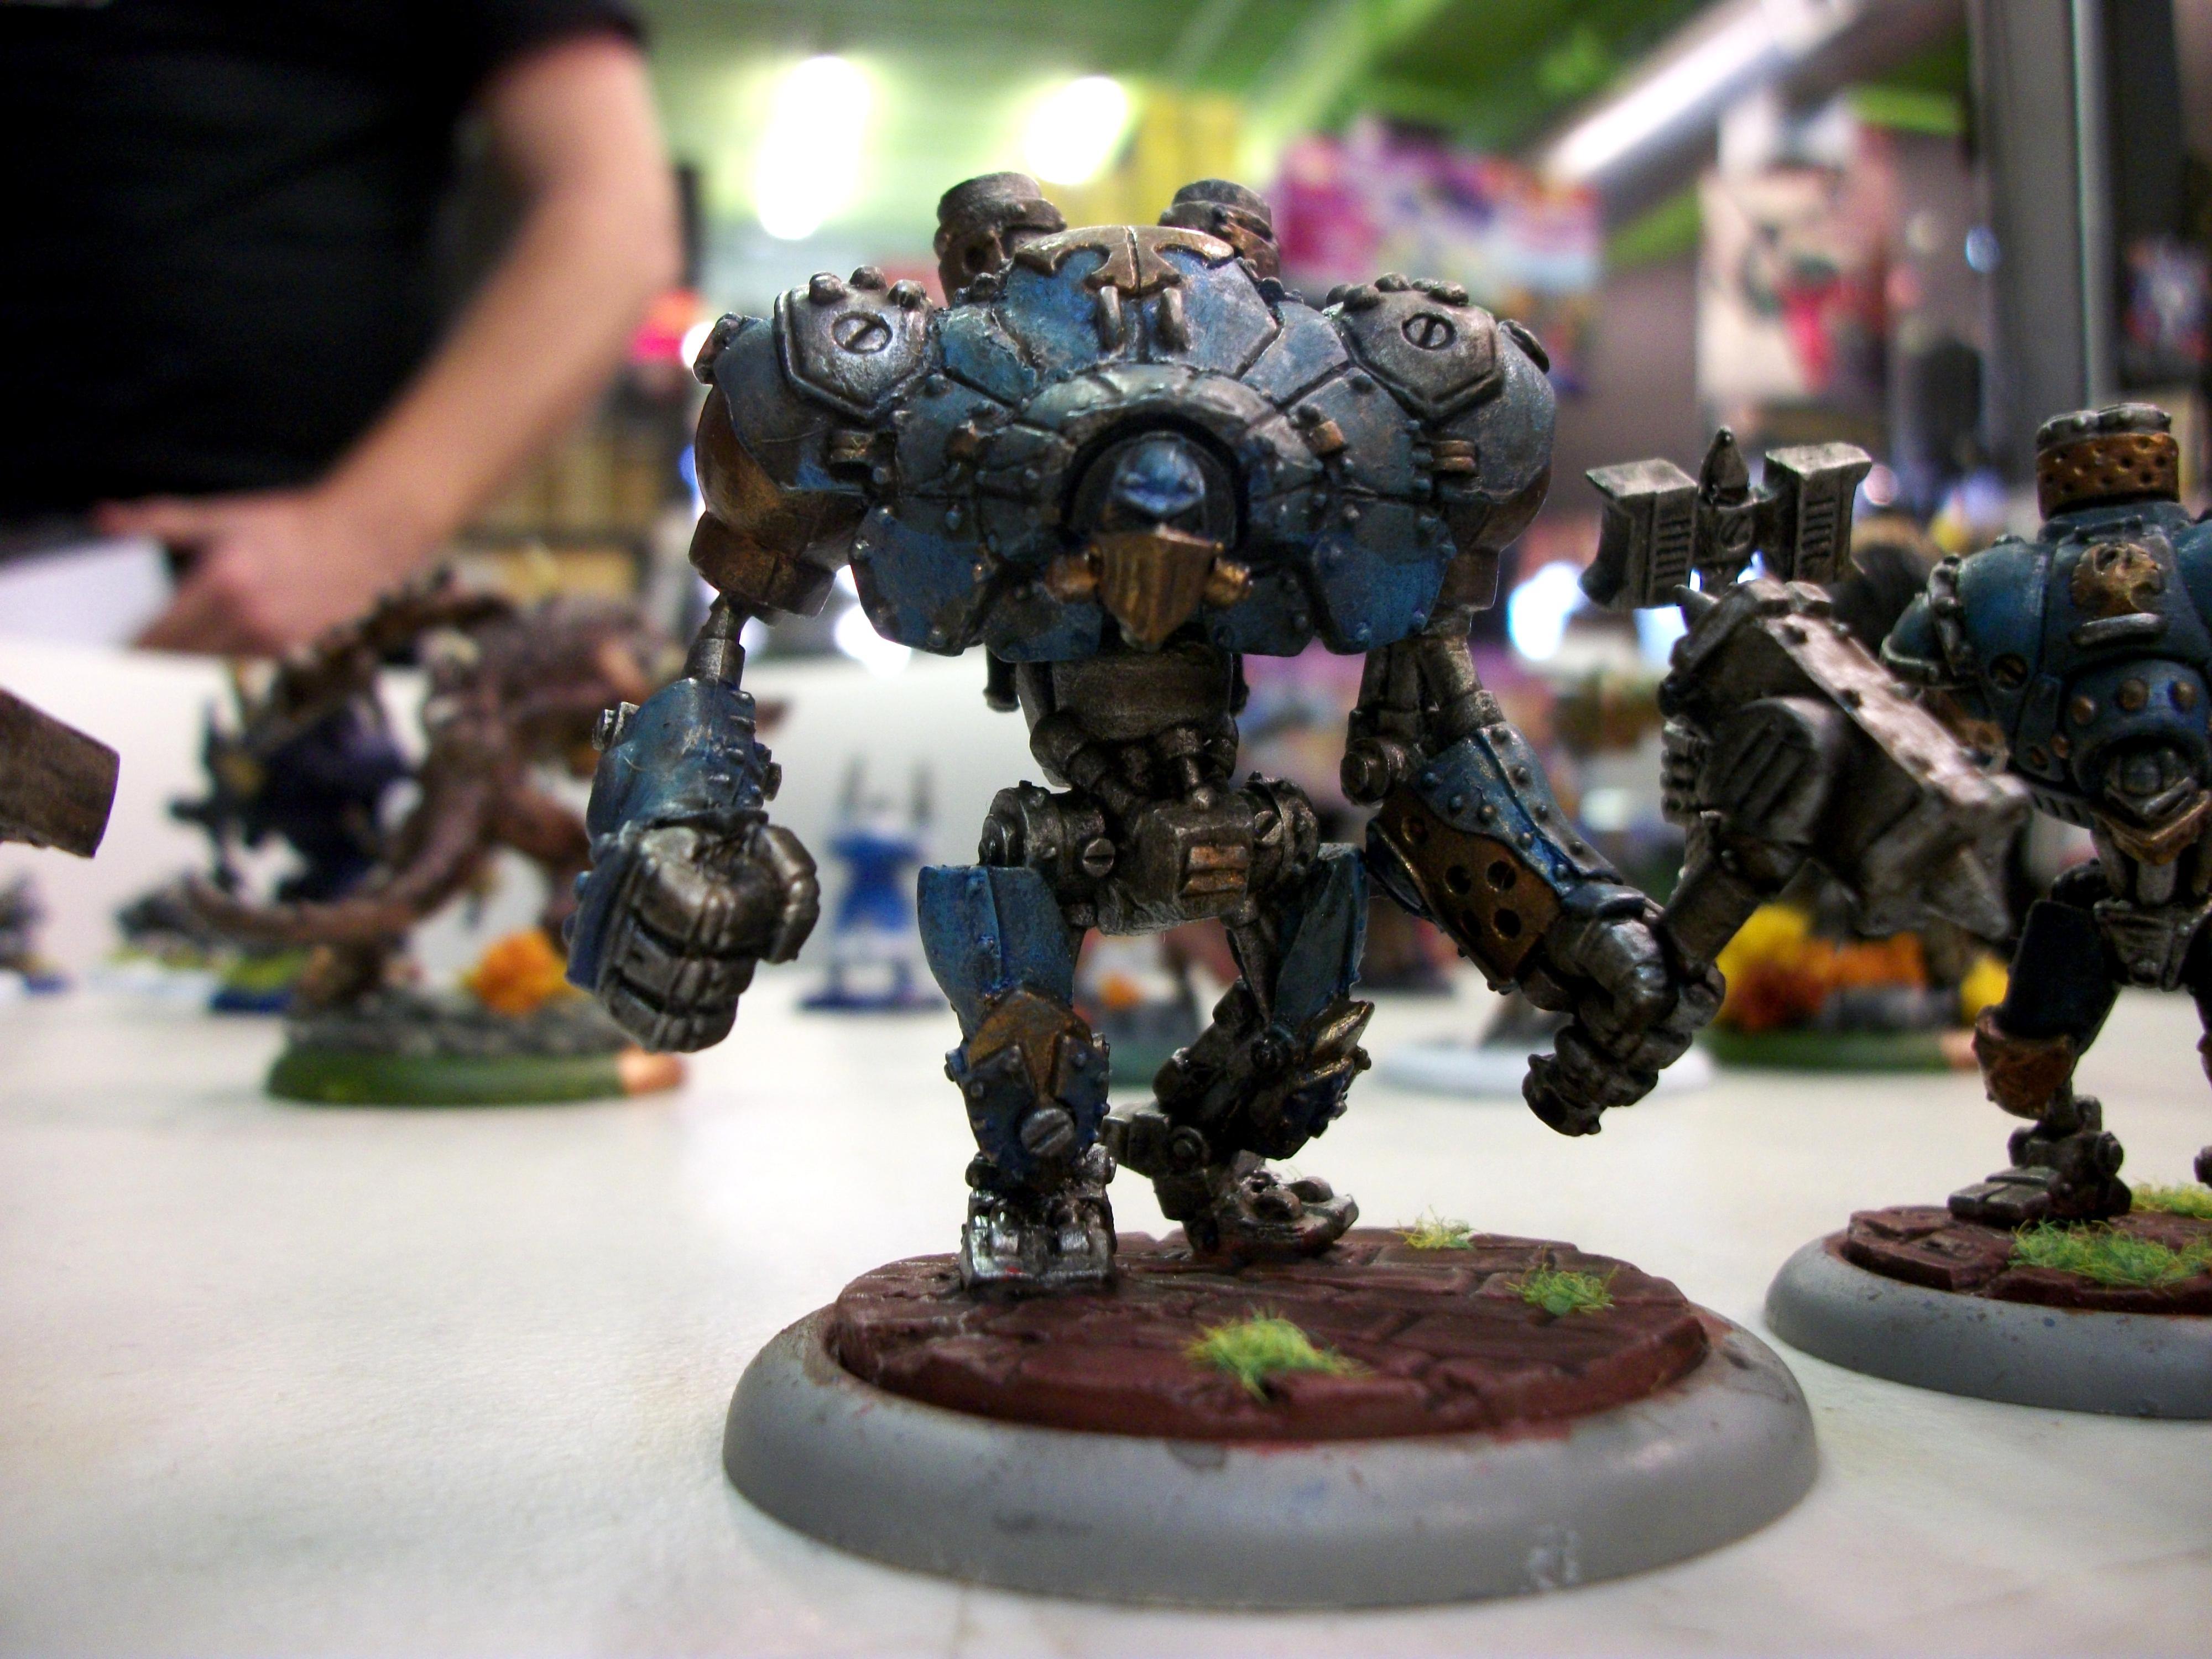 Cygnar, Ironclad, Warmachine